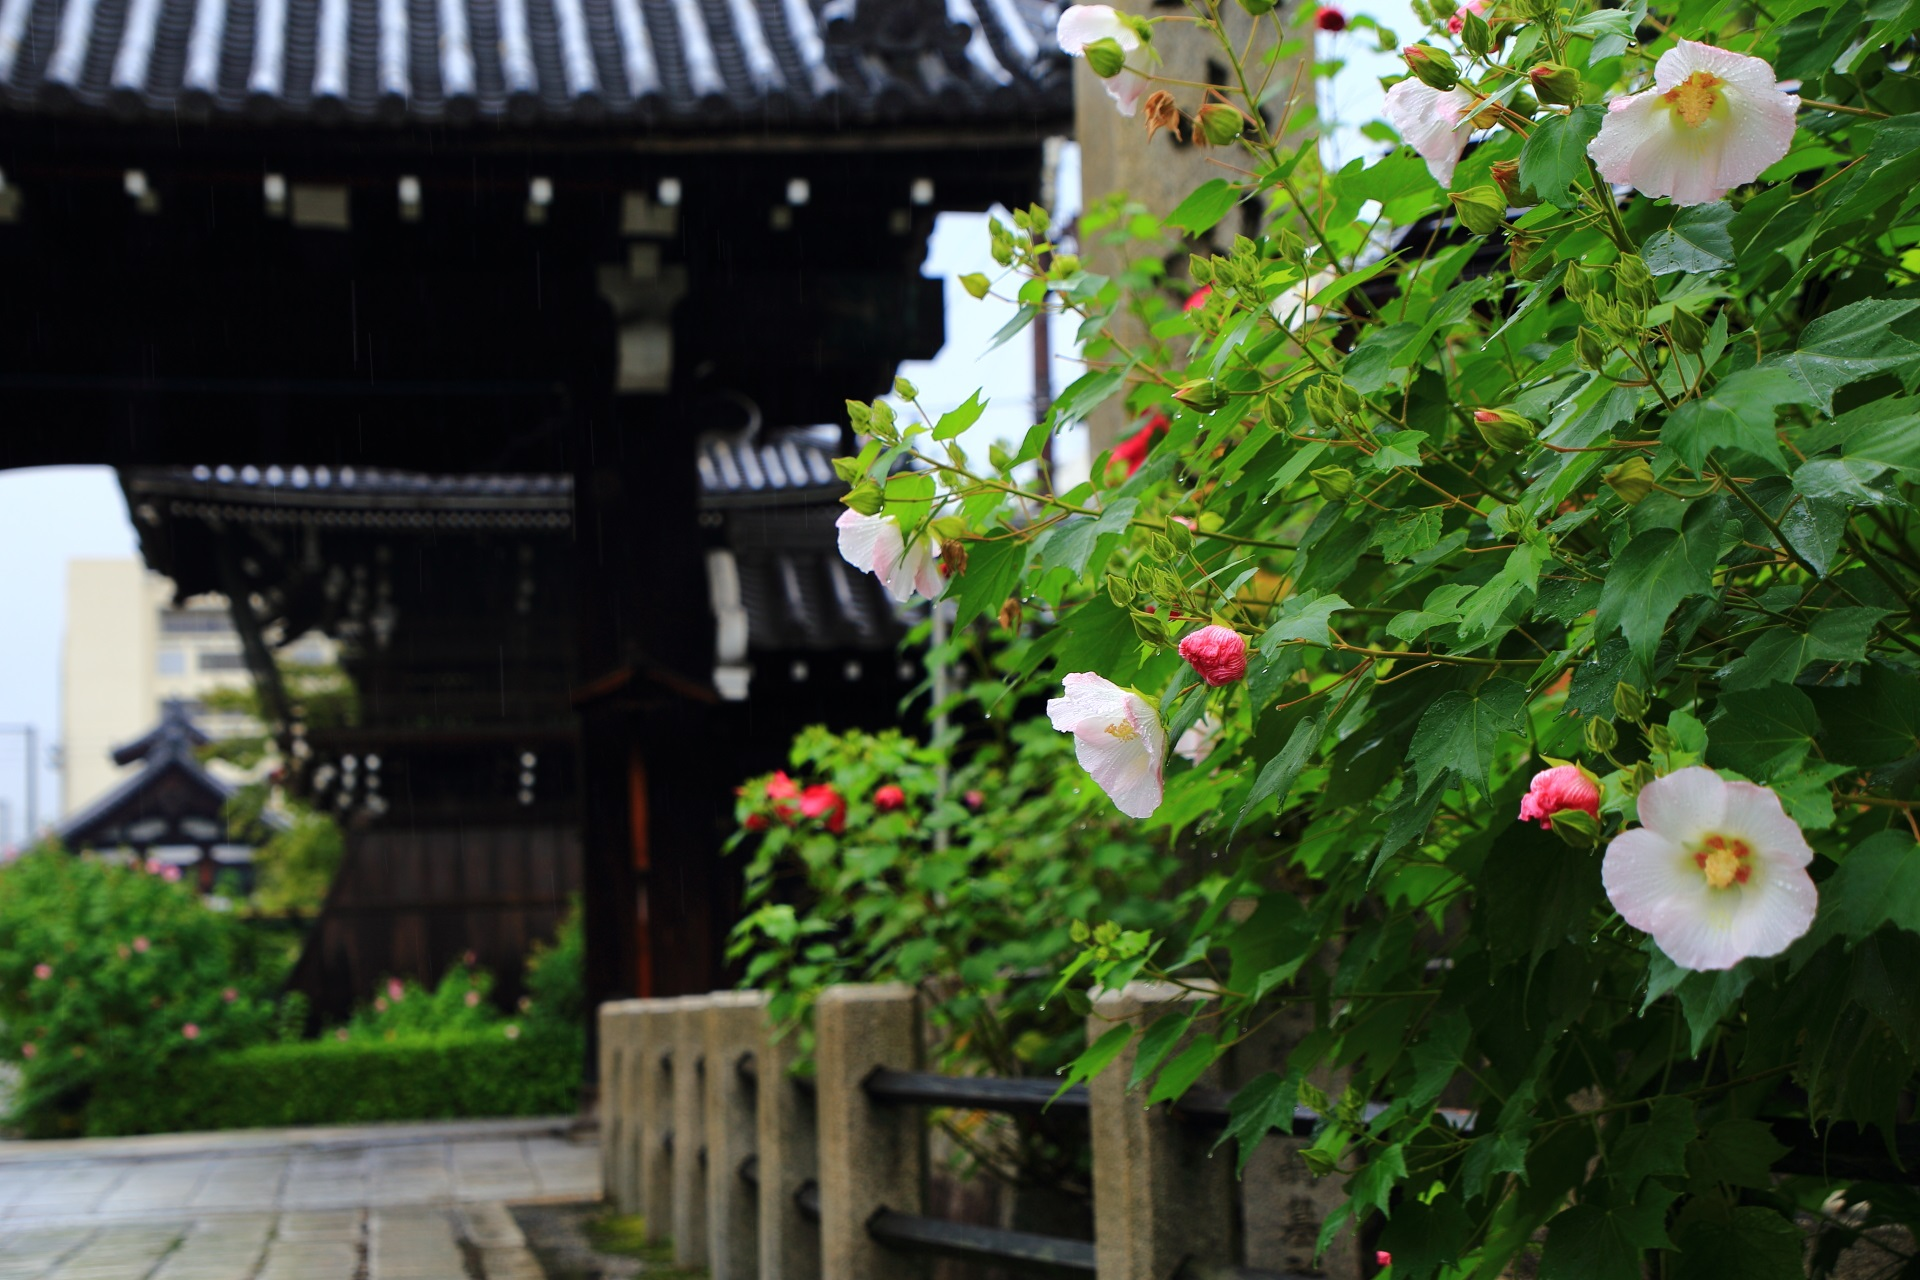 妙蓮寺の山門前の芙蓉の花